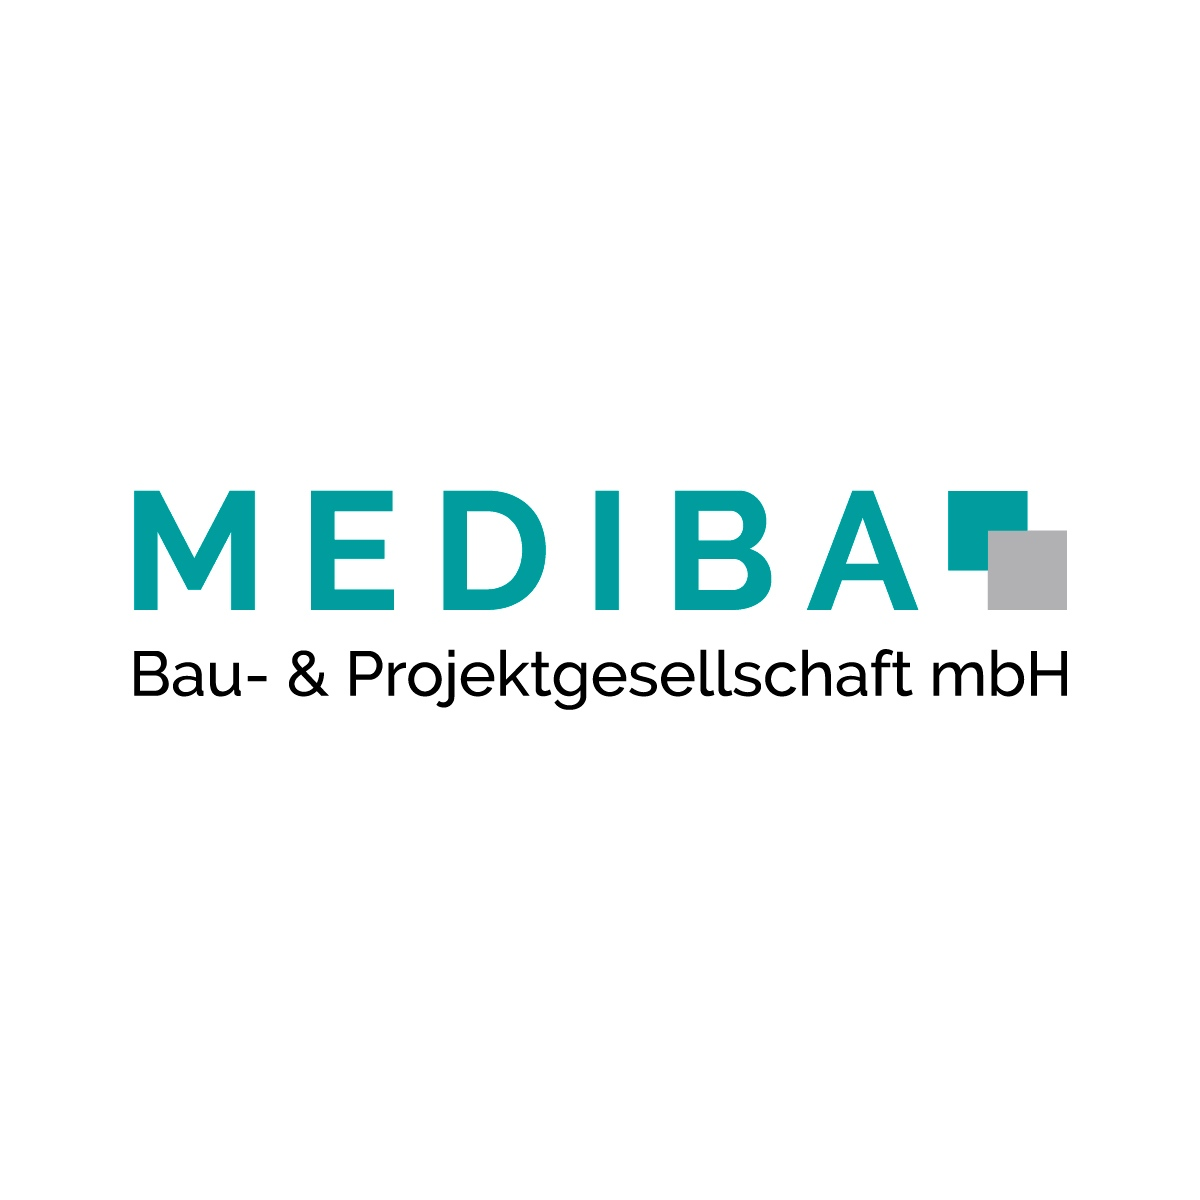 Logo-MEDIBA